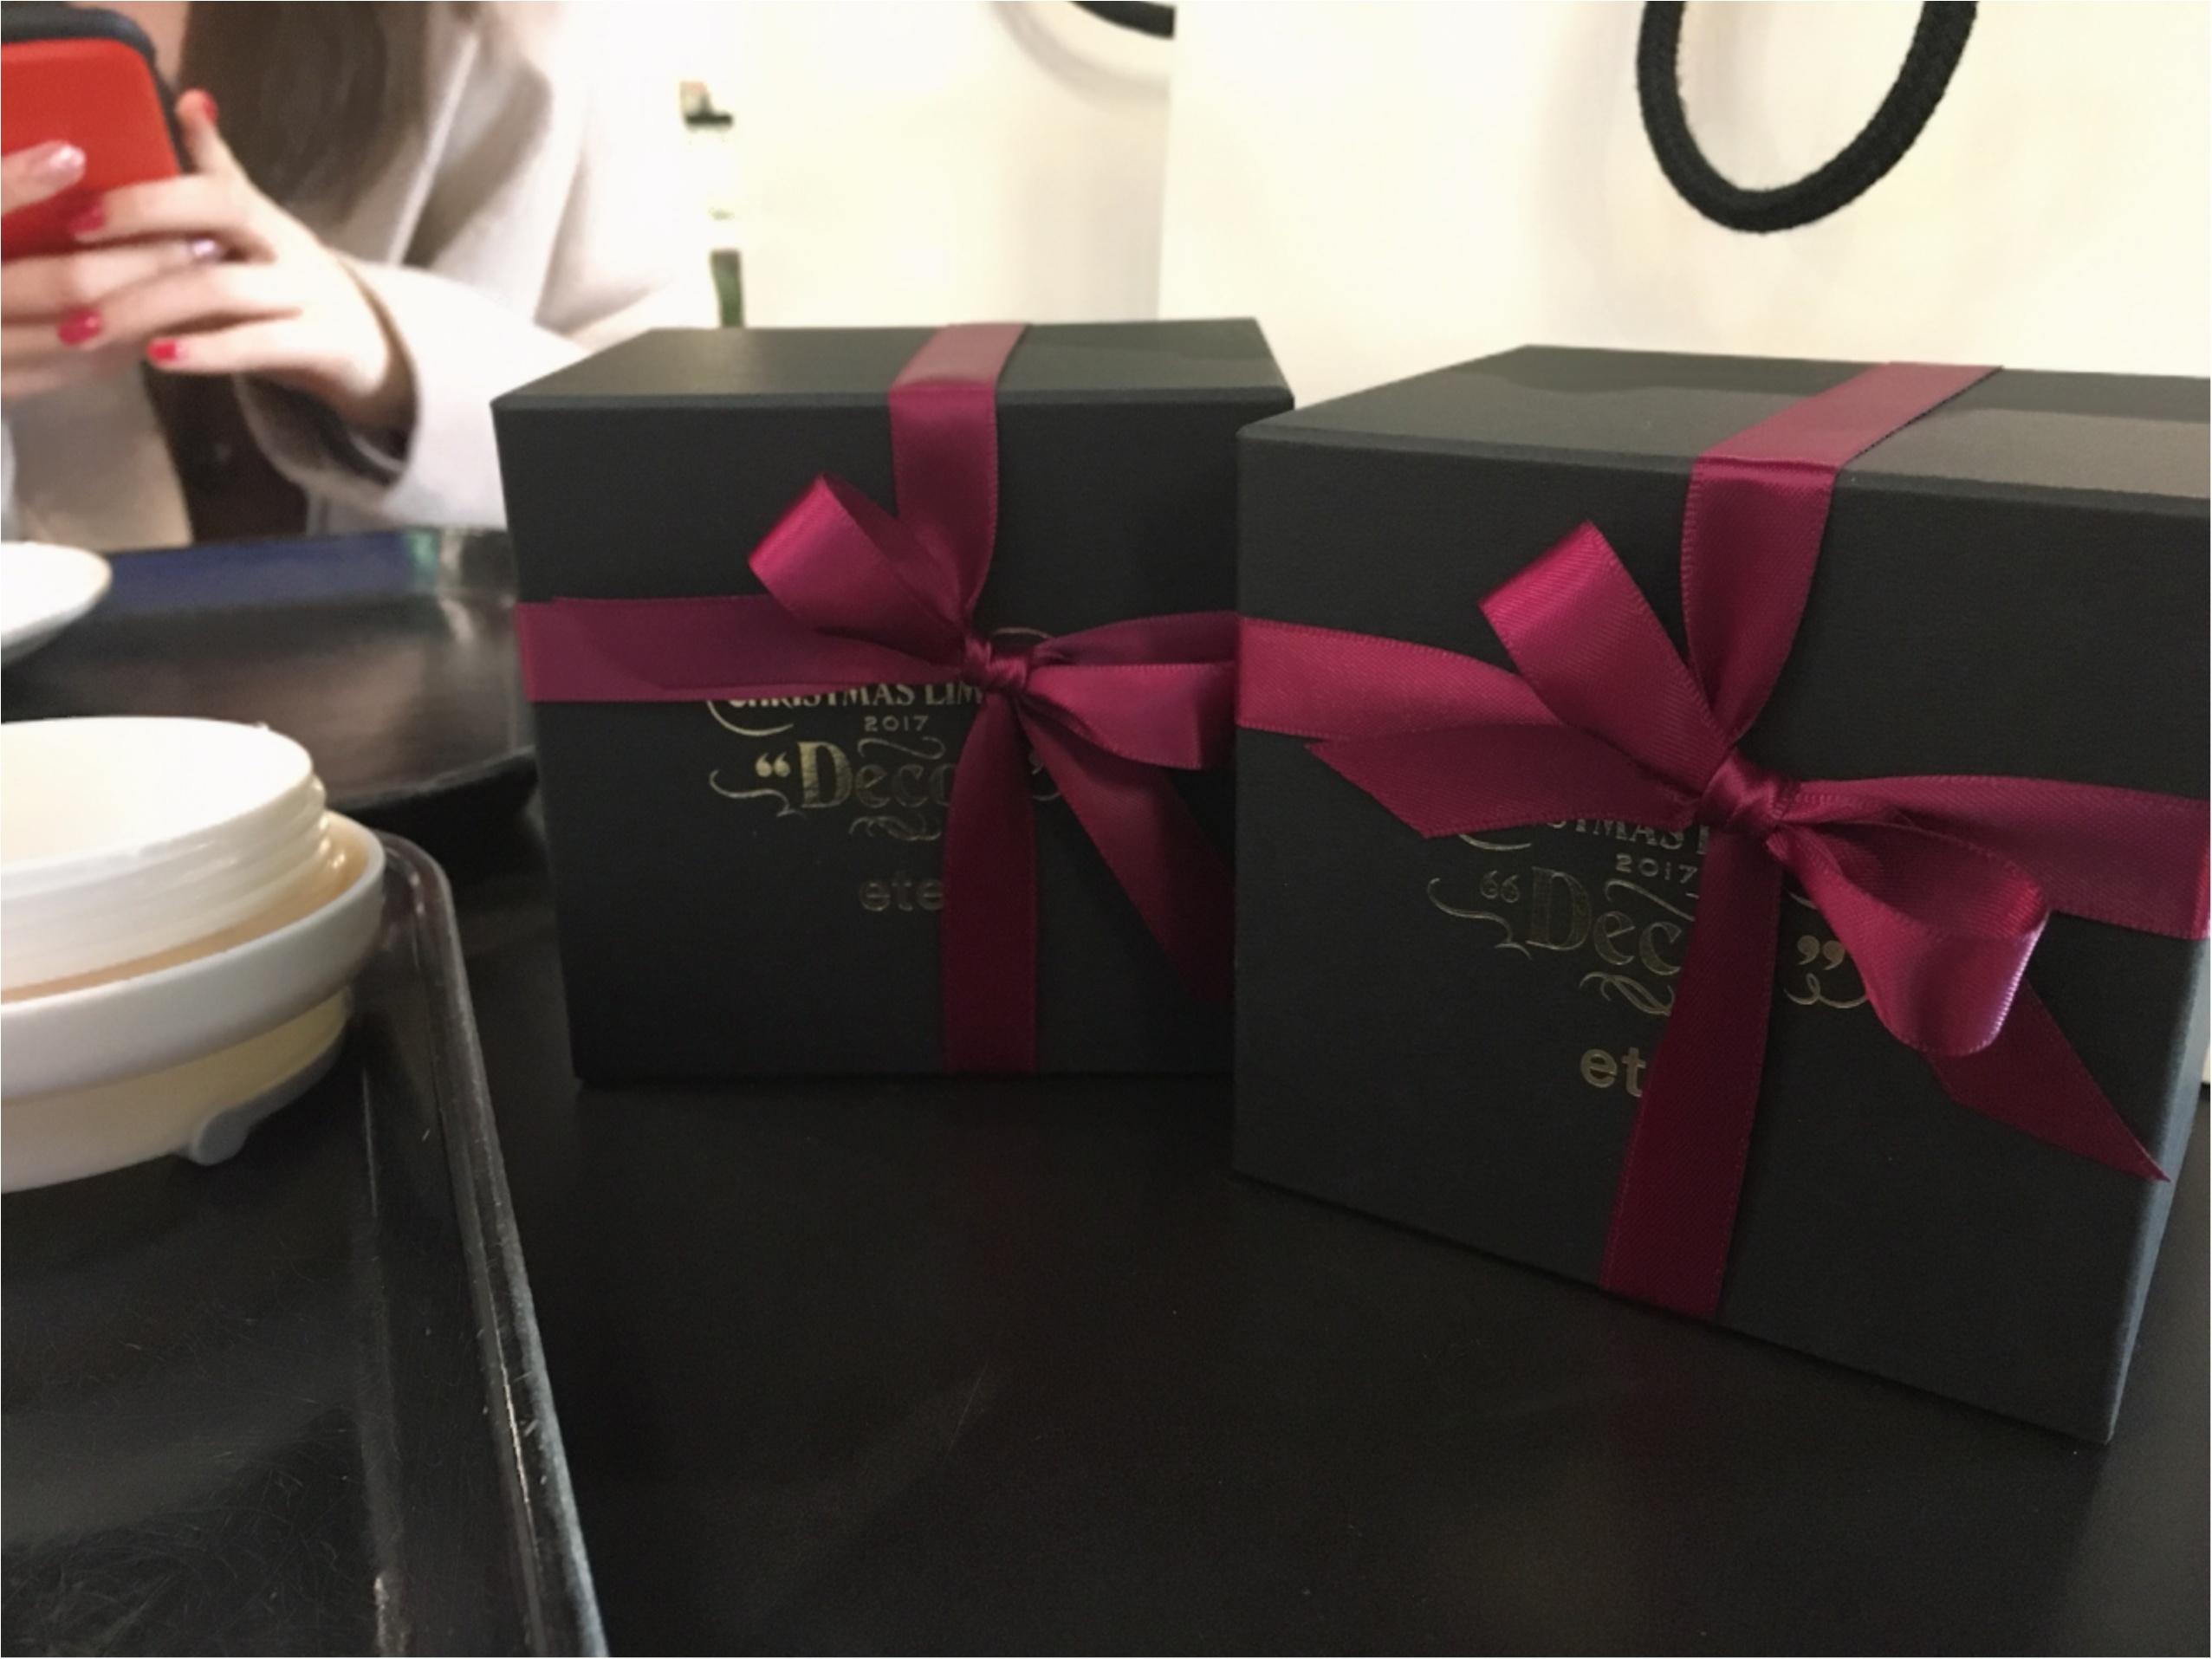 《ete》クリスマス限定リングとBOXが可愛すぎる!プレゼントにもご褒美にもオススメの一品!_2